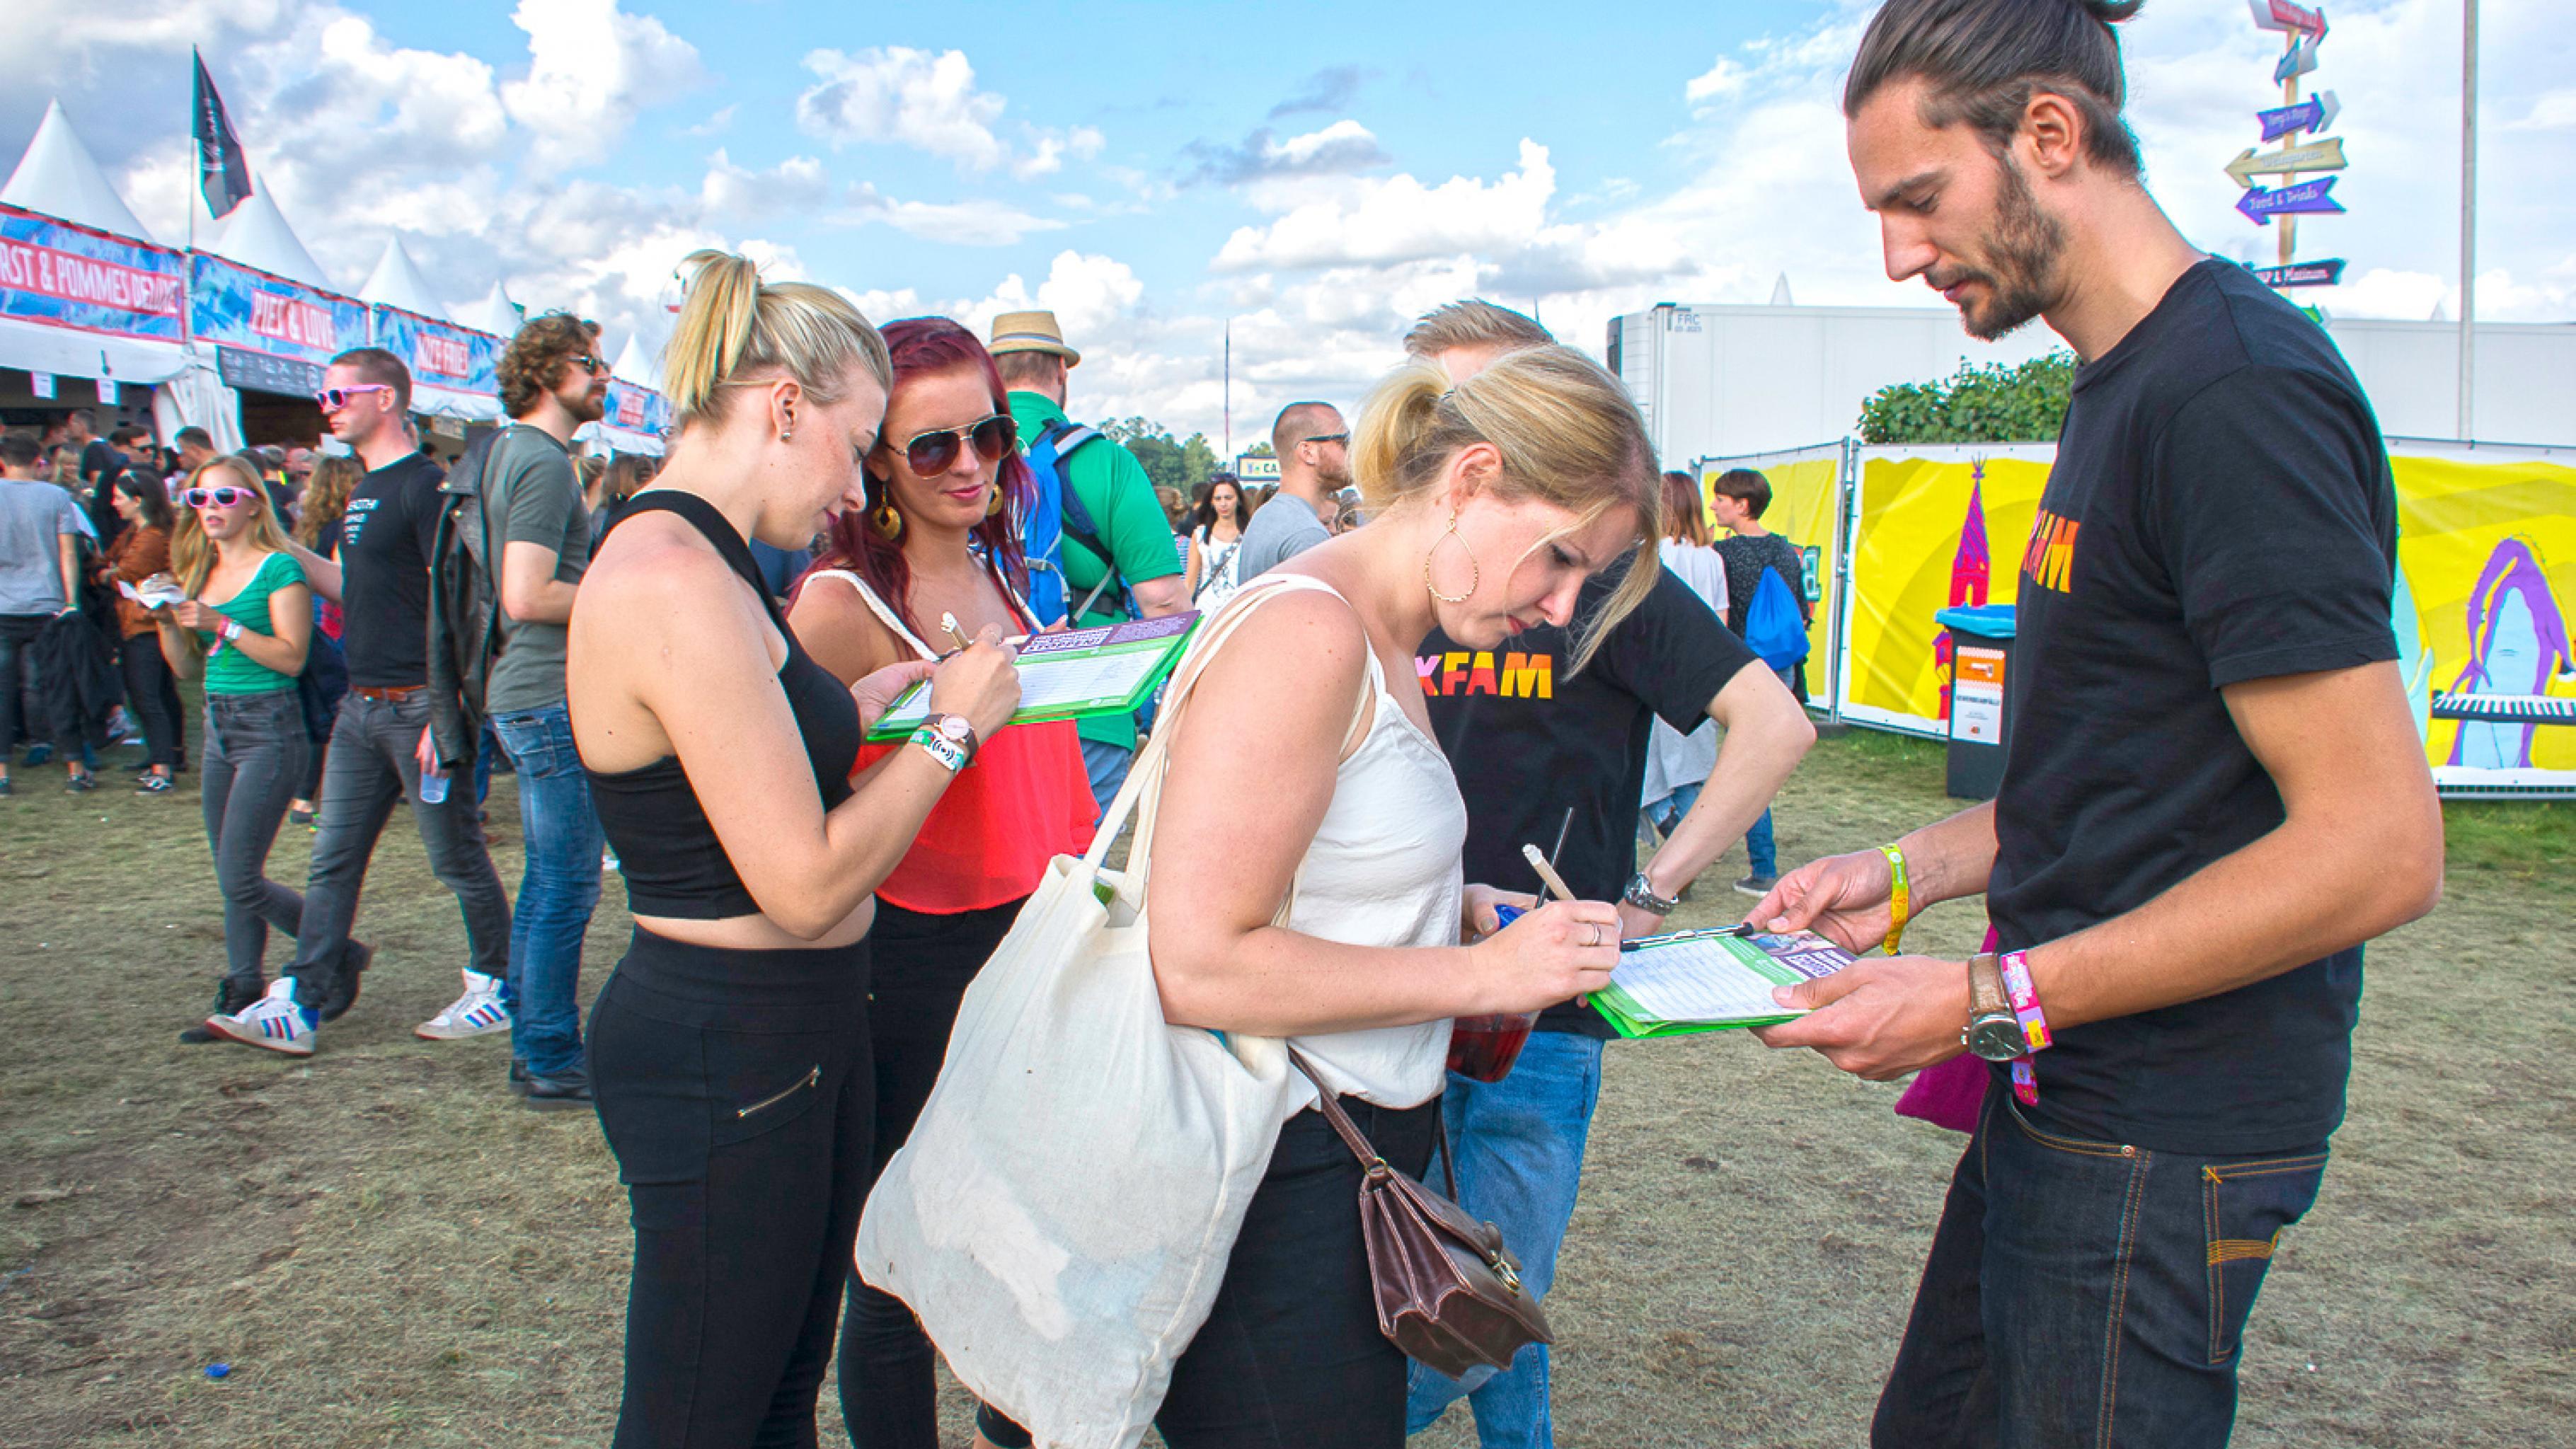 Auf dem Festival kamen sie mit den Besuchern ins Gespräch und sammelten Unterschriften für mehr Steuergerechtigkeit.